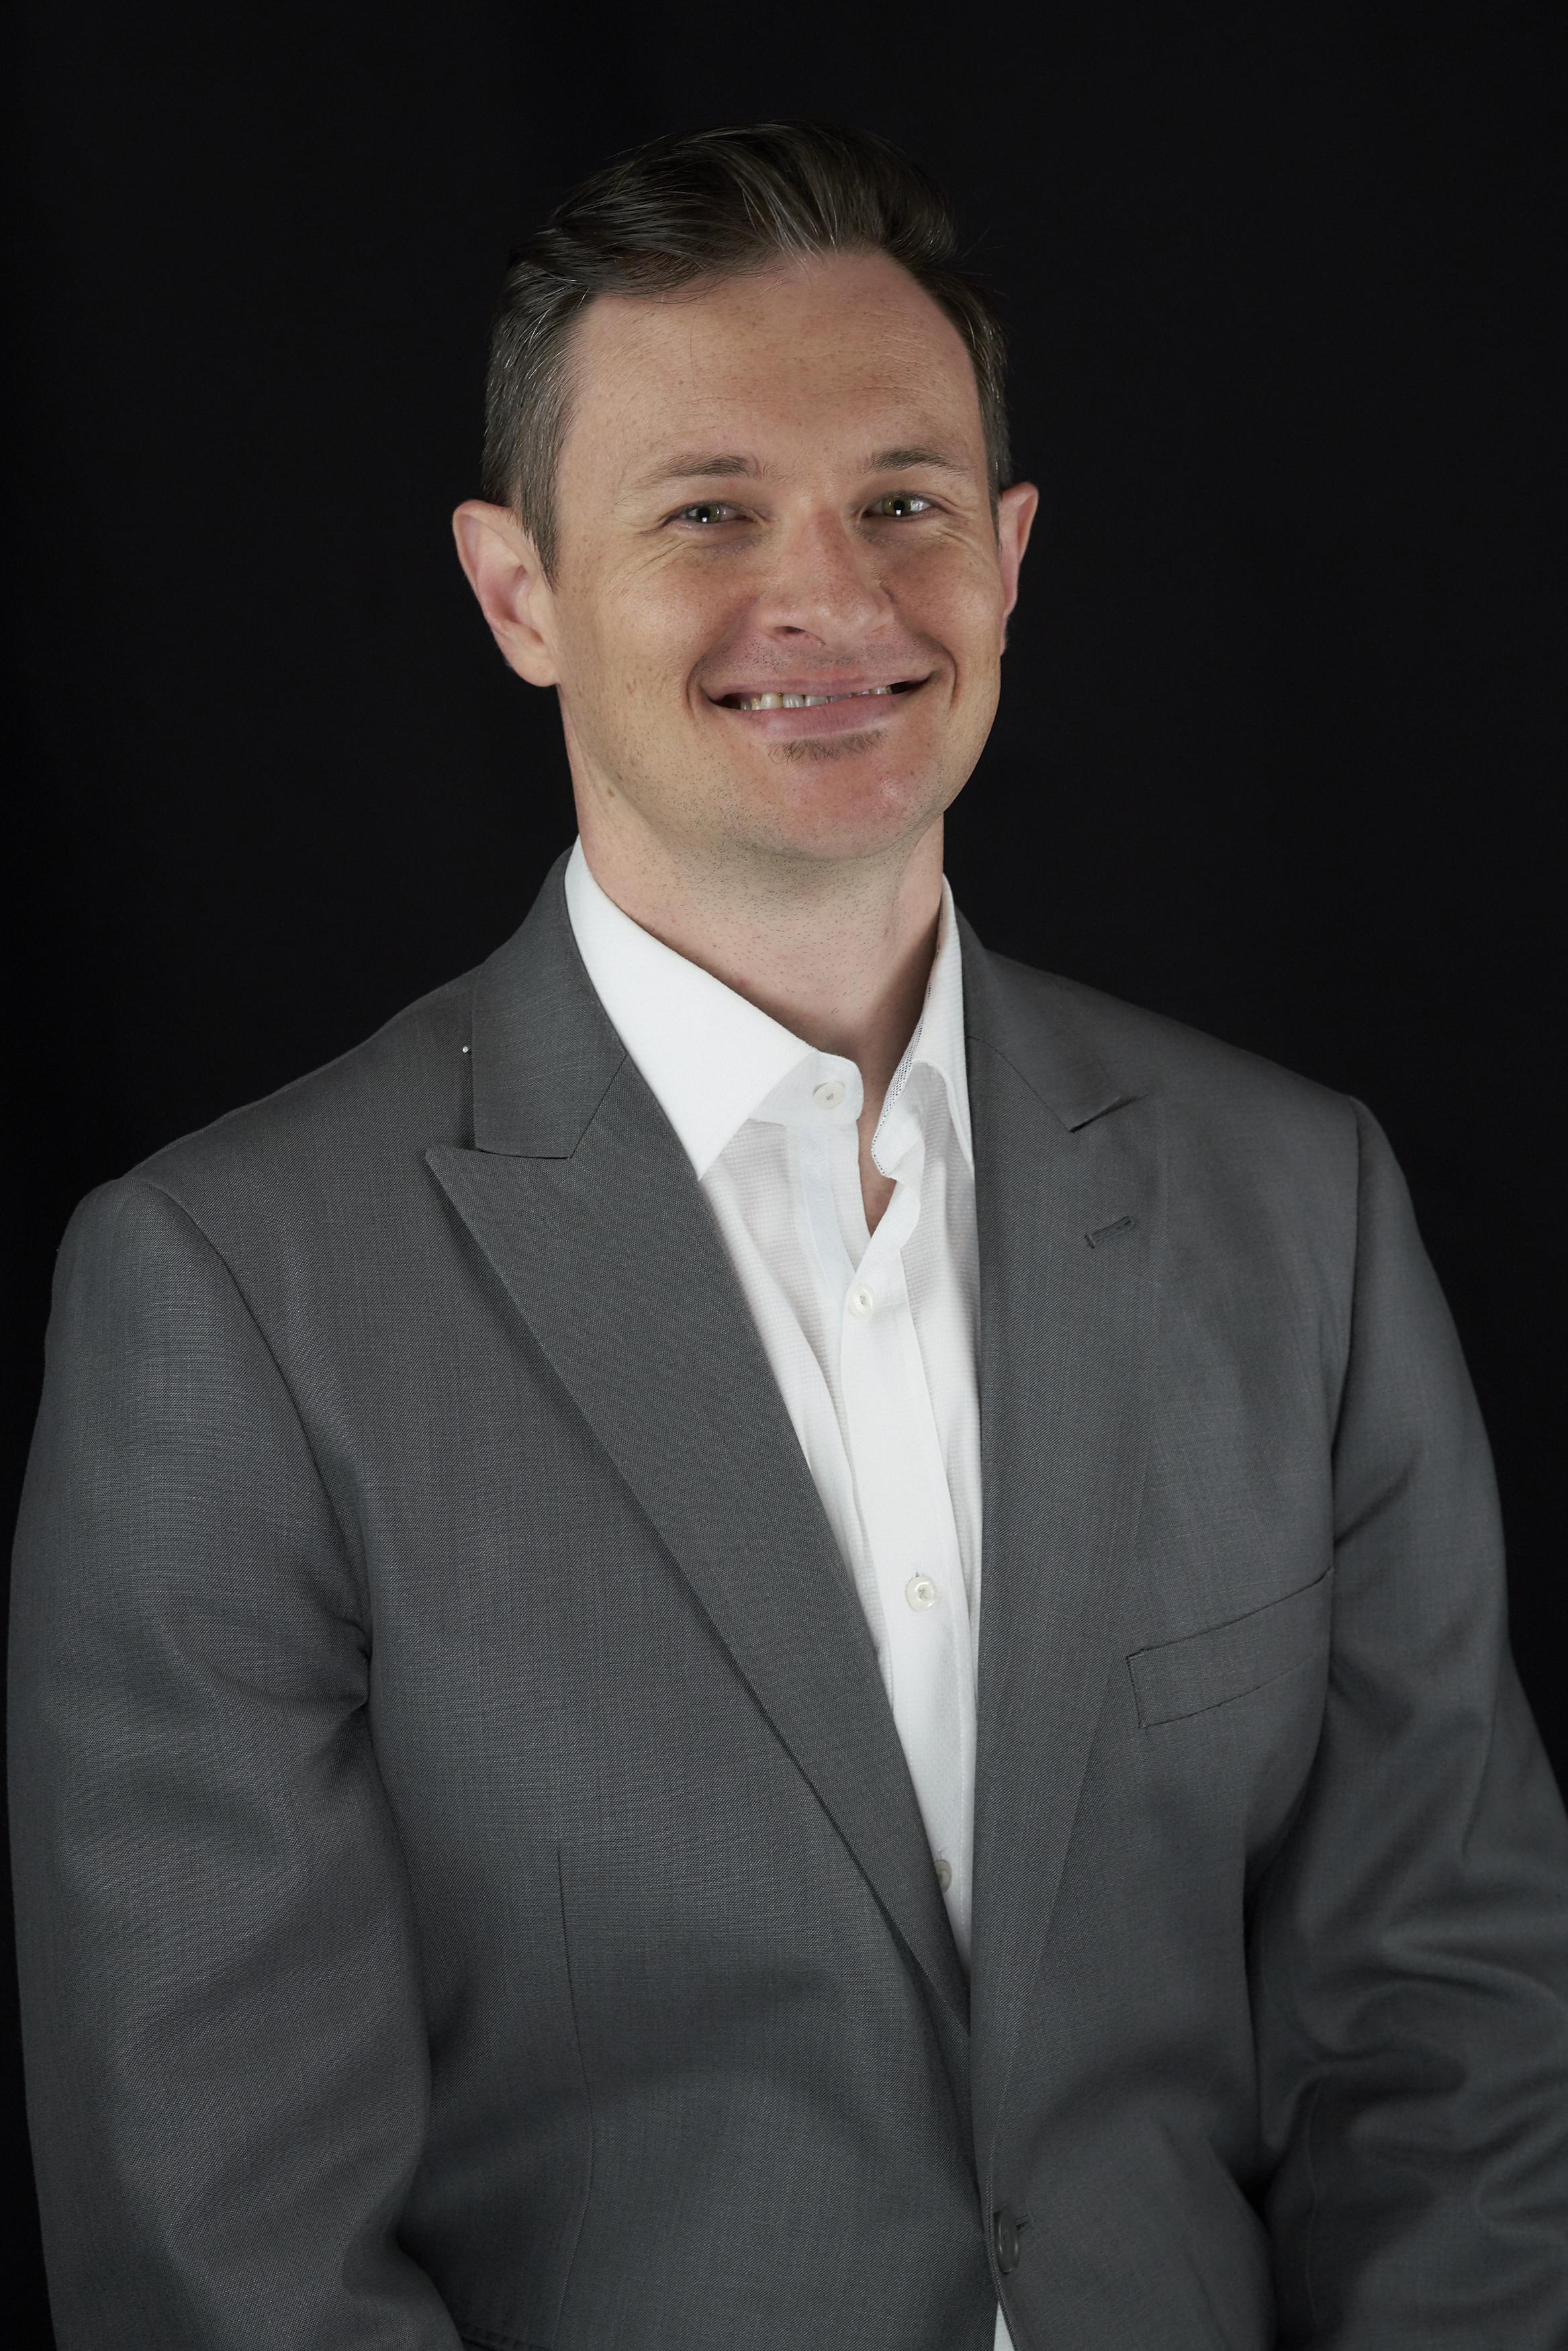 Adolfo Martens